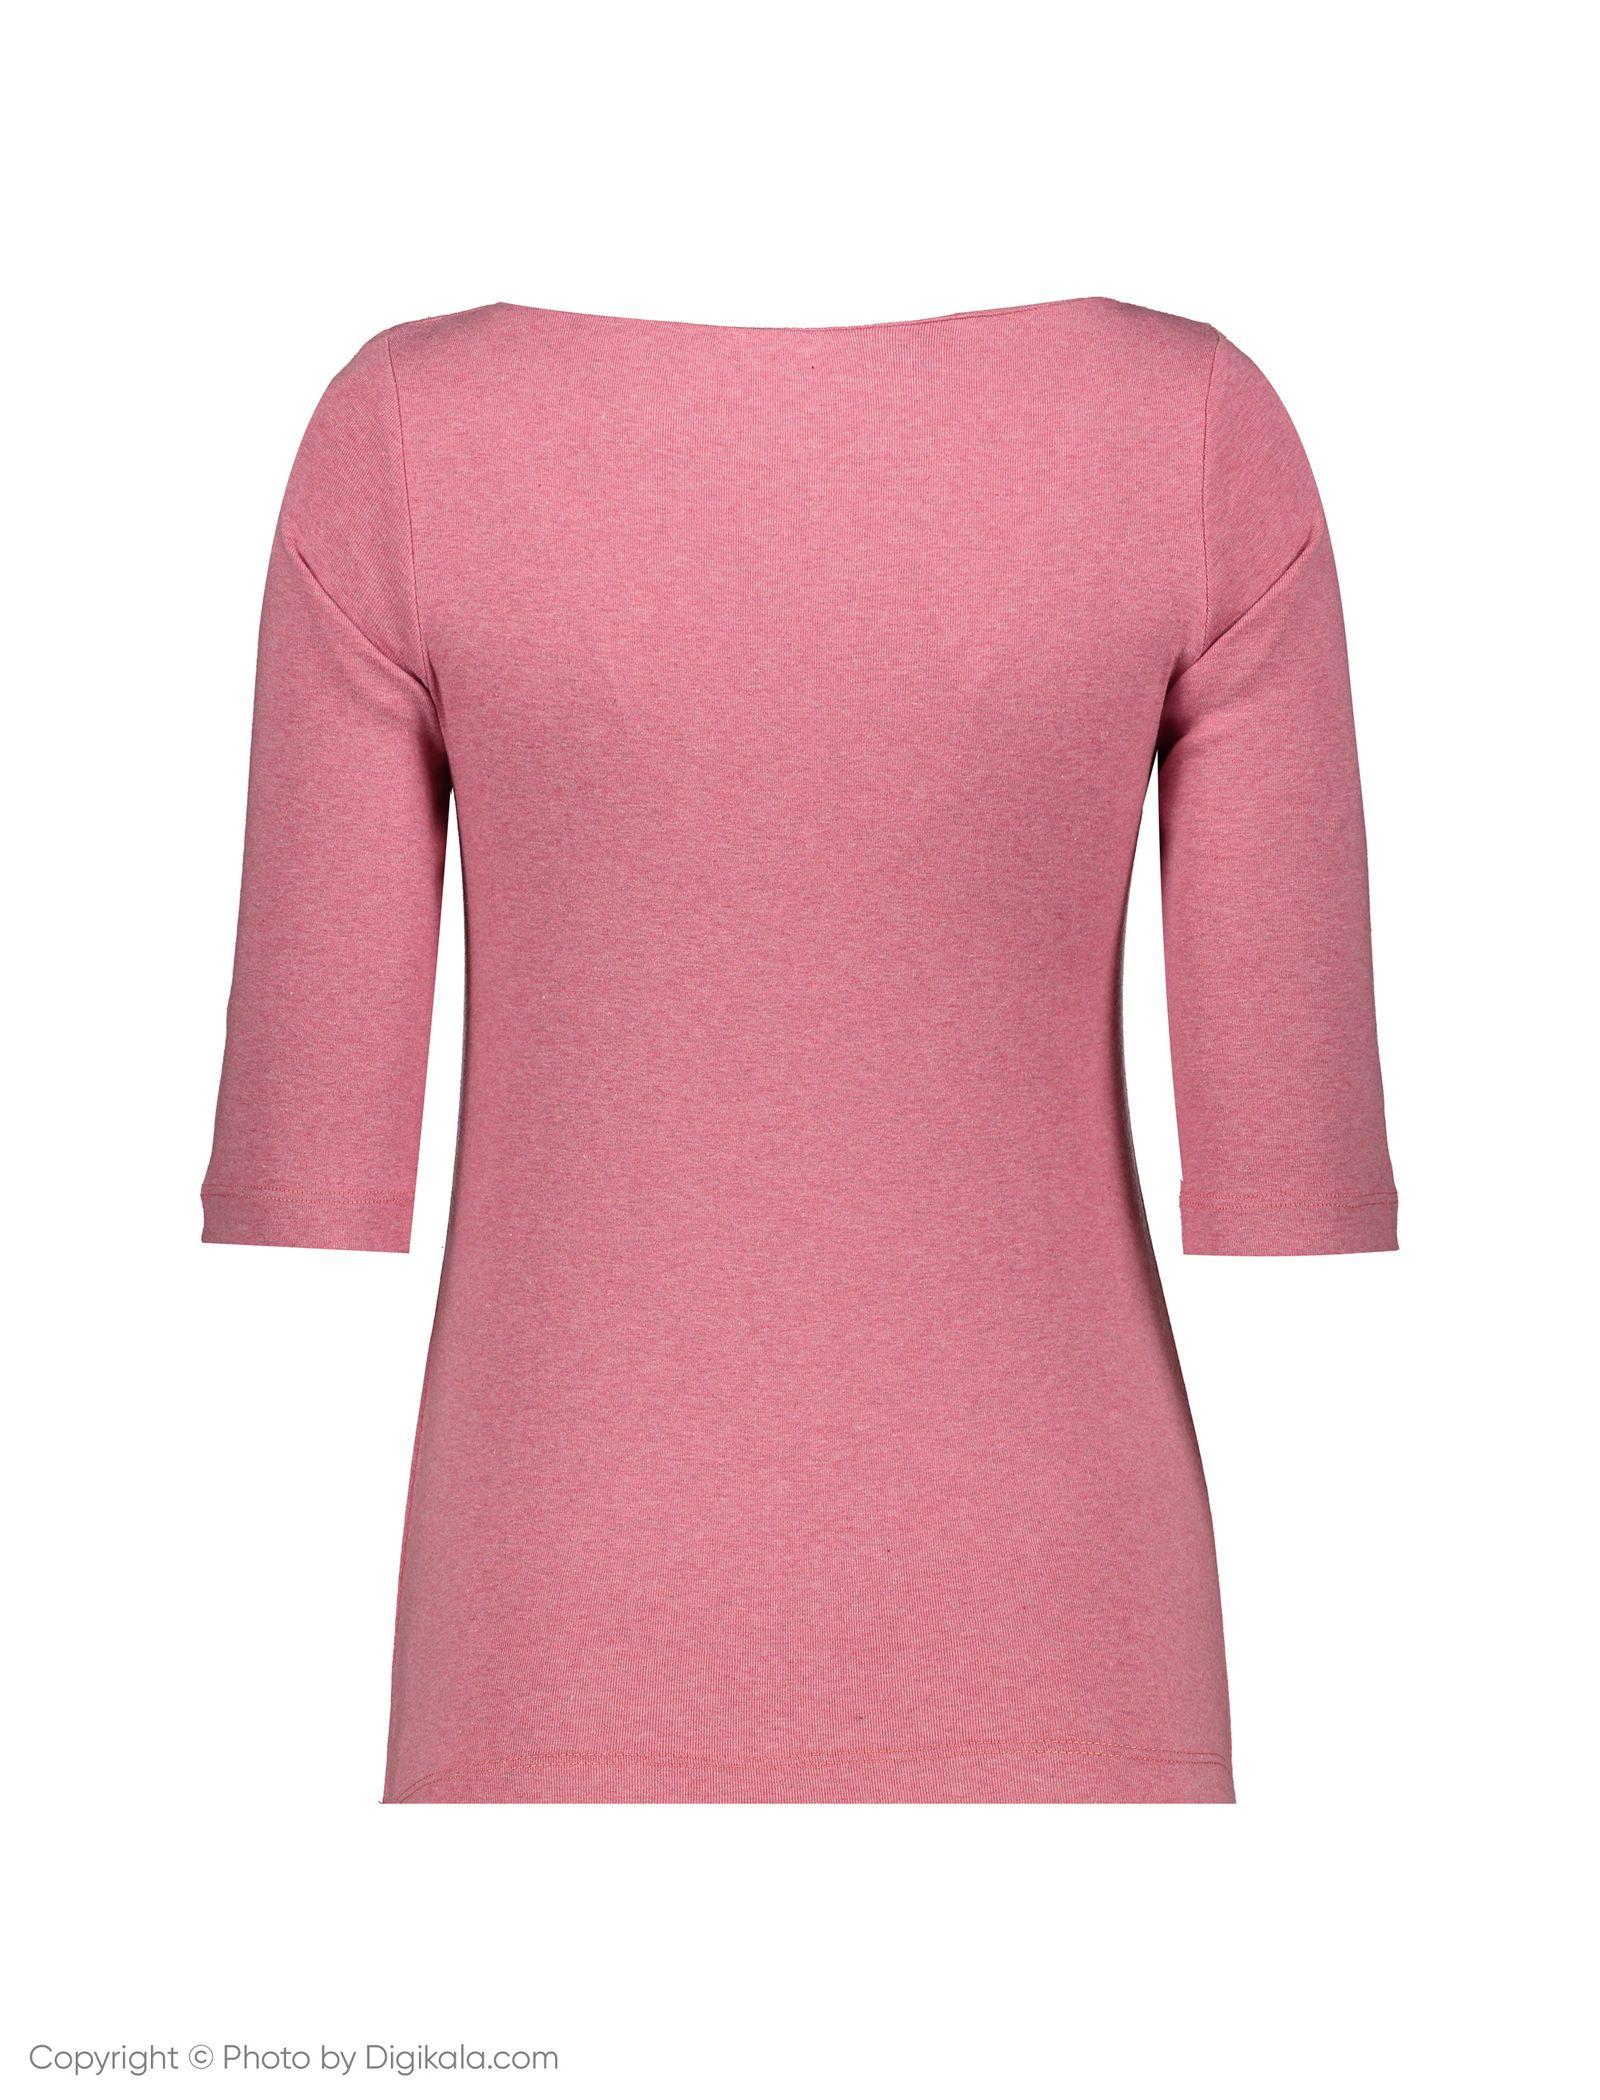 تی شرت زنانه گارودی مدل 1003113012-86 -  - 3